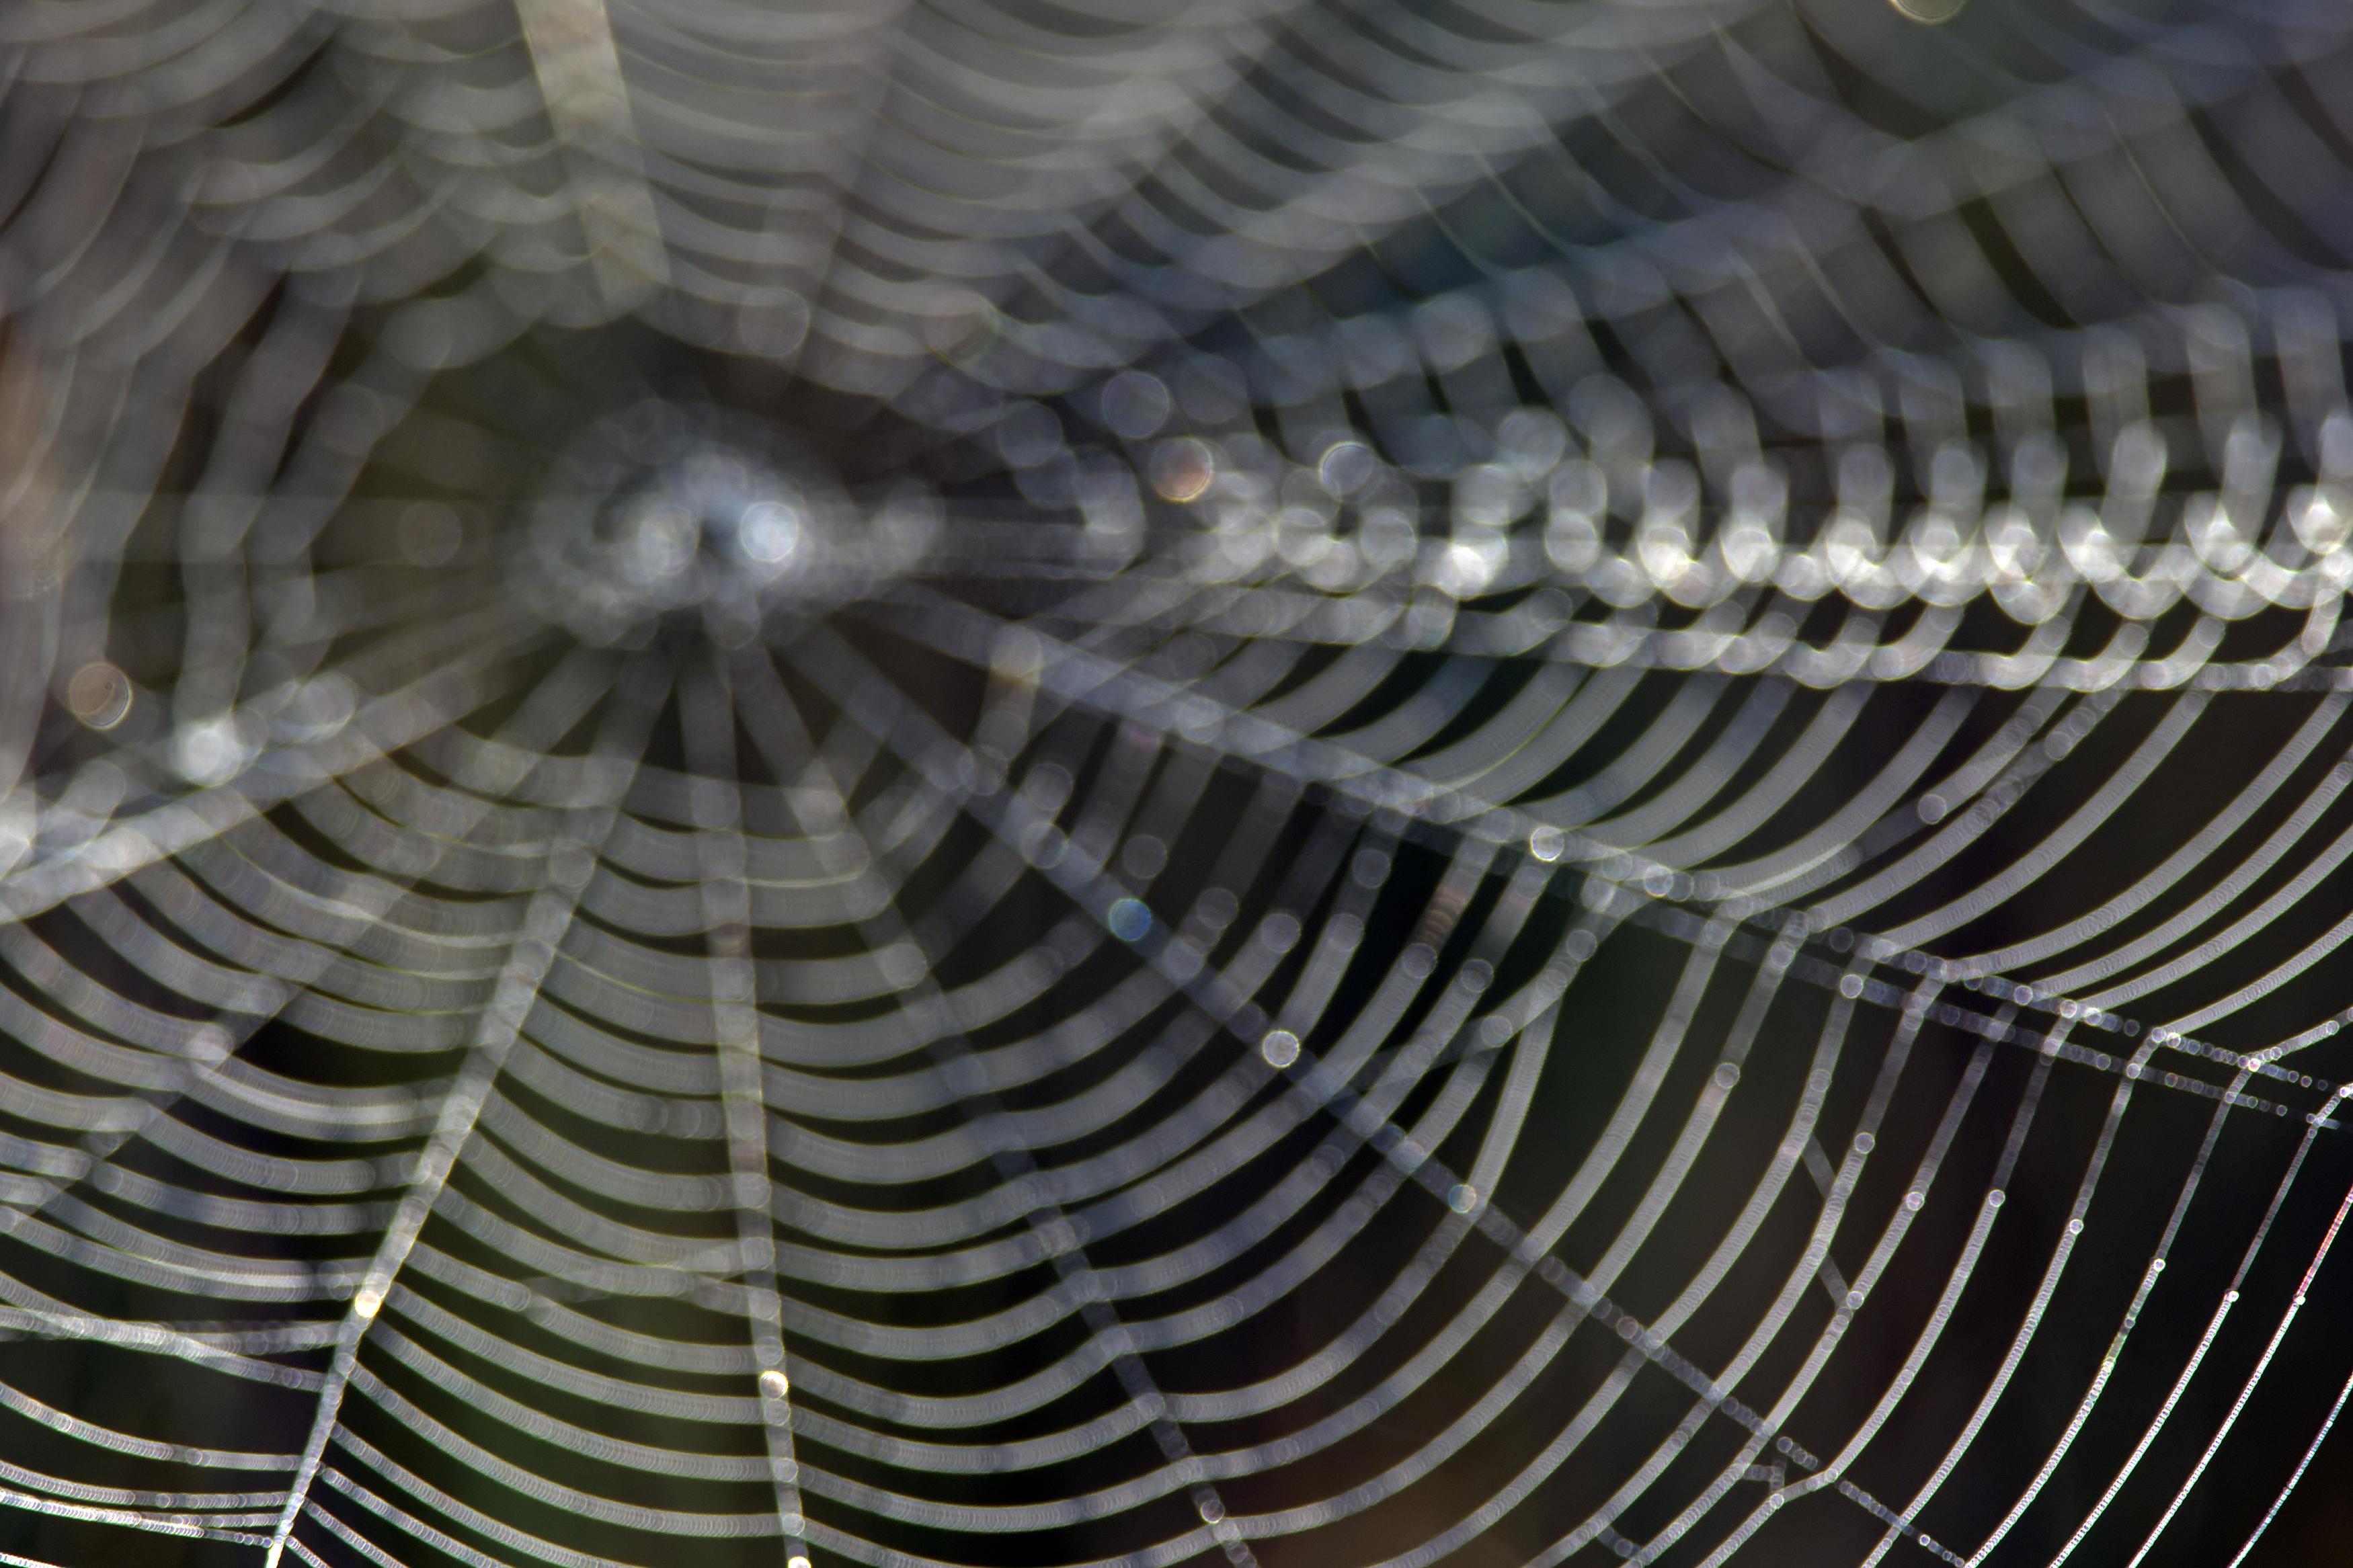 Urmează invazie de păianjeni imenși în casele din Marea Britanie